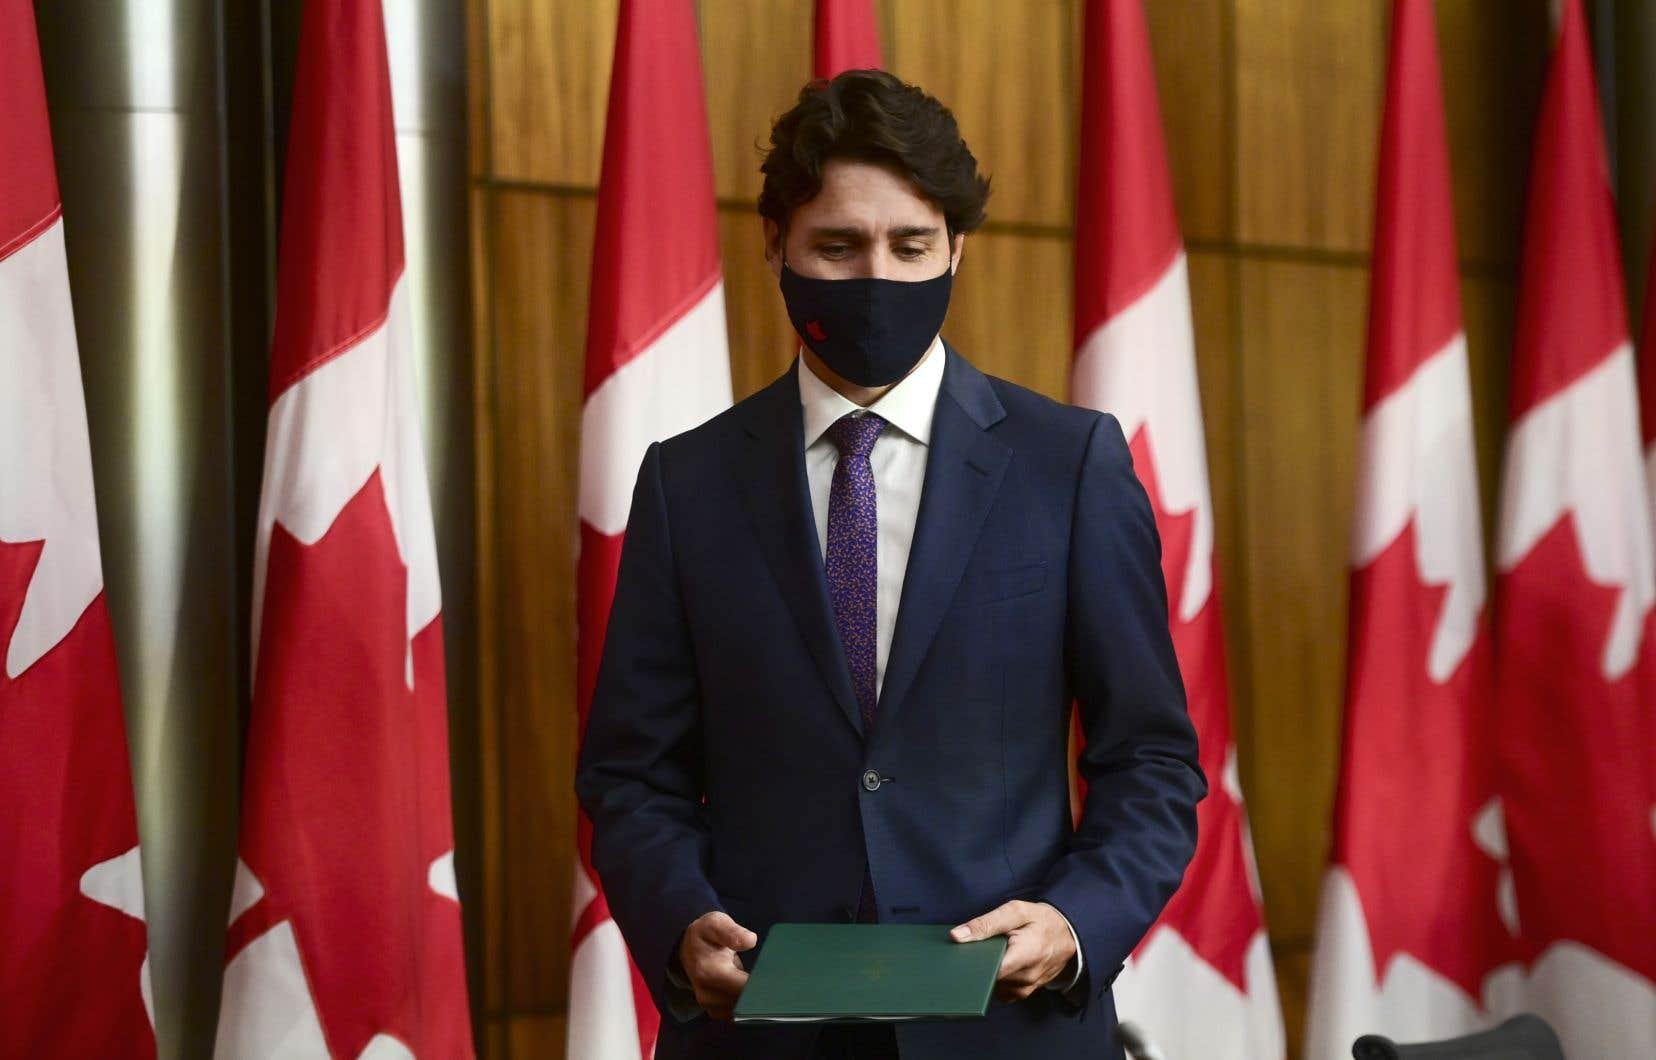 De nombreuses voix se sont élevées pour réclamer d'Ottawa des excuses officielles à l'occasion du cinquantième anniversaire de la crise d'Octobre.